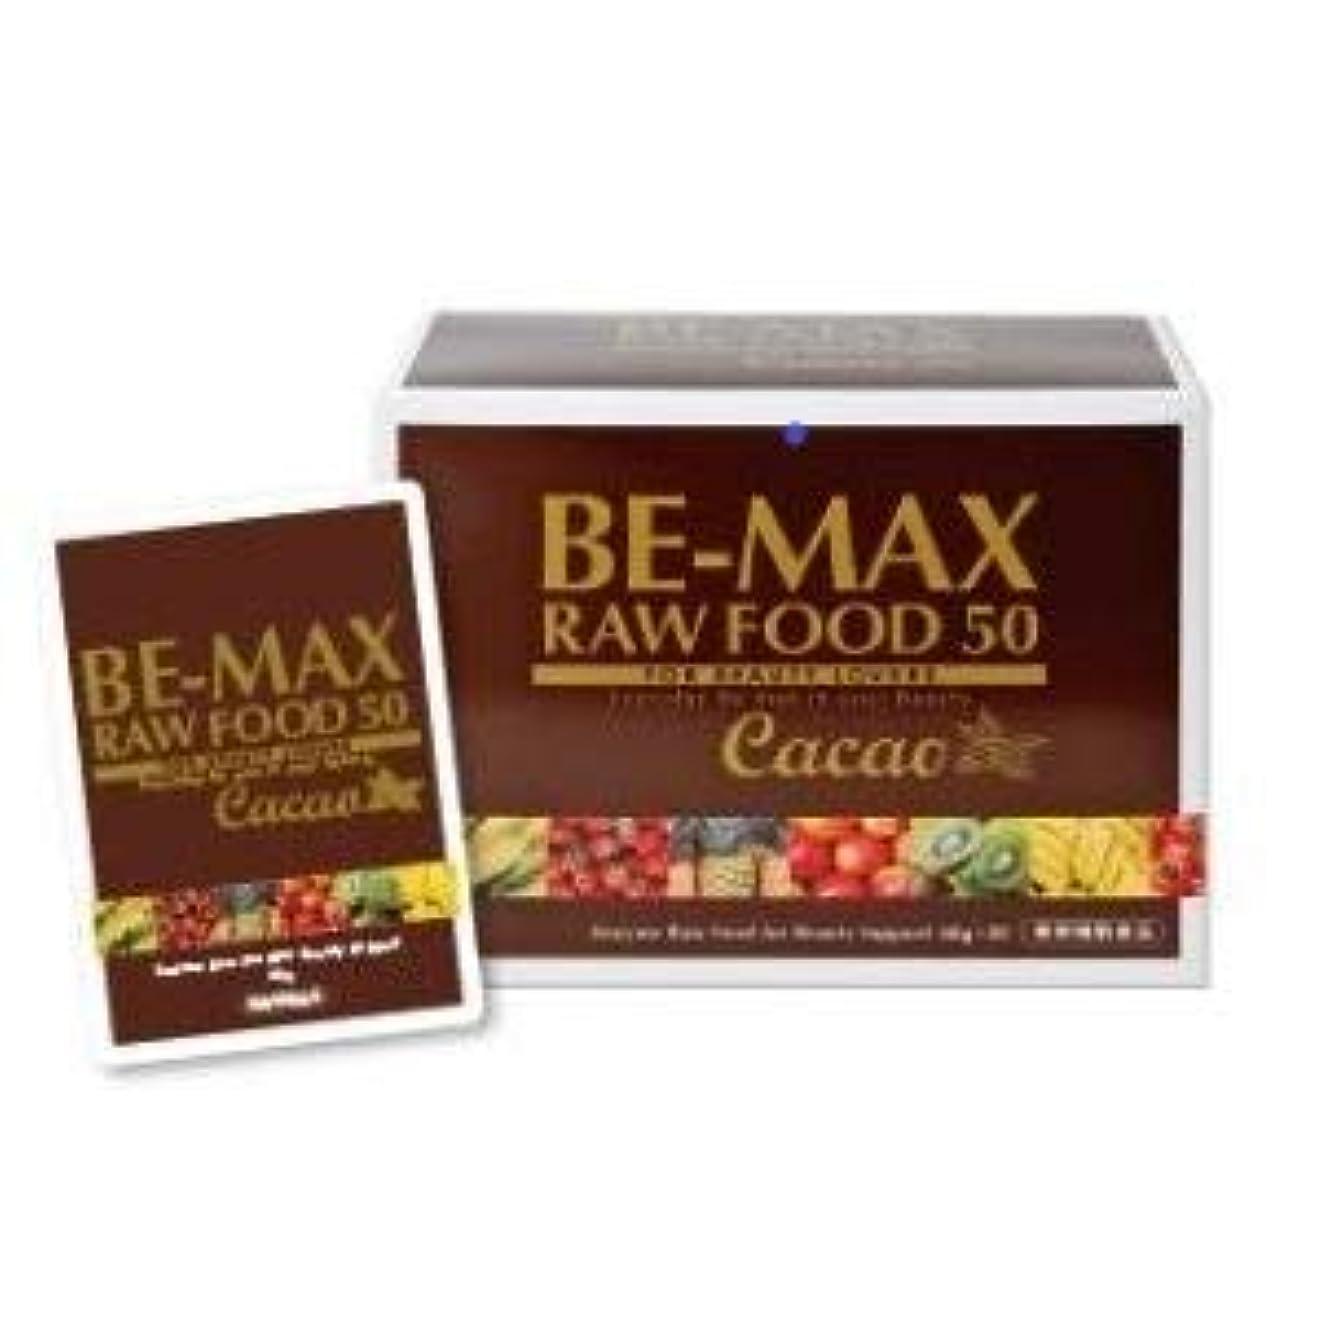 取得なめらかロープBE-MAX RAW FOOD 50 Cacao ローフード 50 カカオ